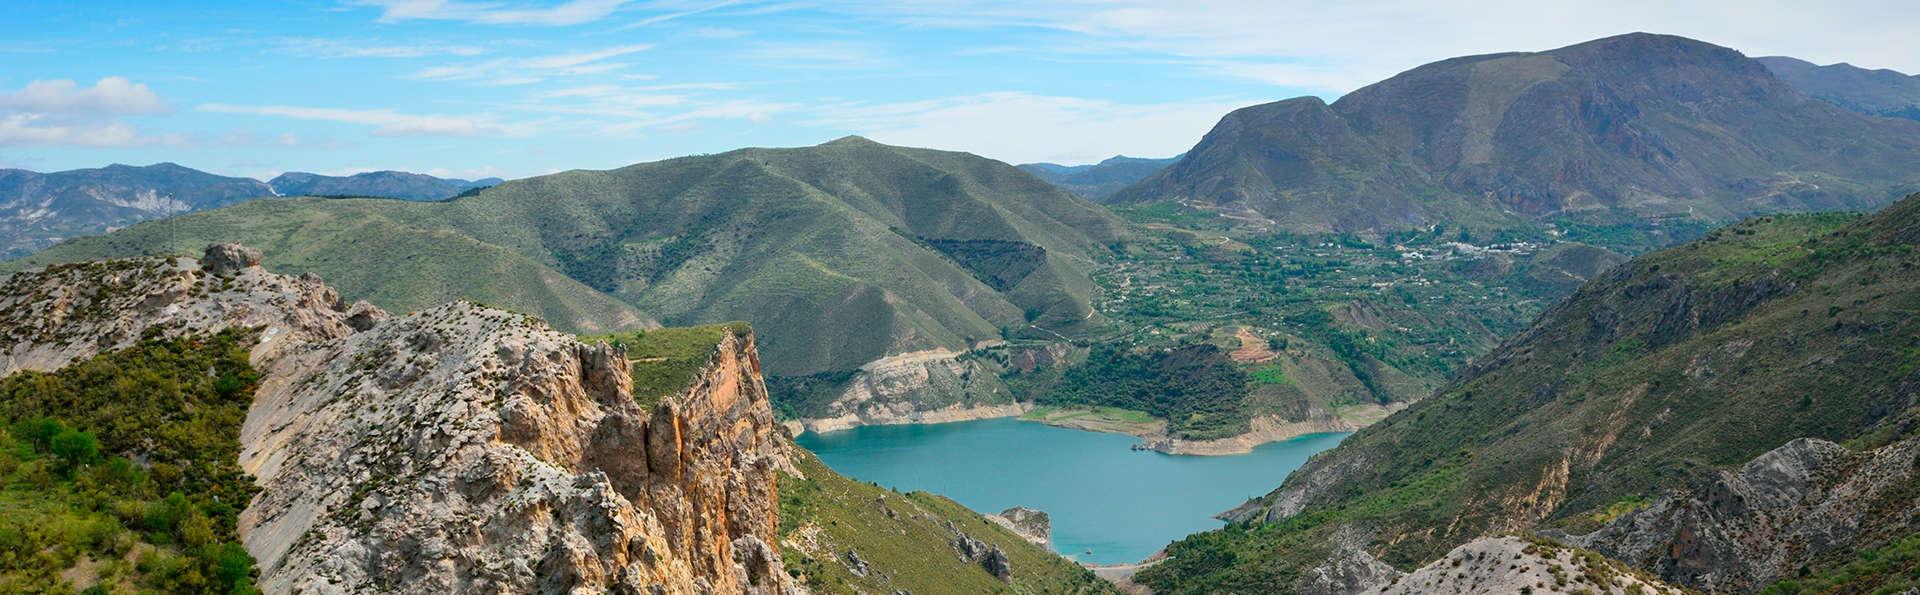 Escapada rural con desayuno y botella de vino en La Alpujarra